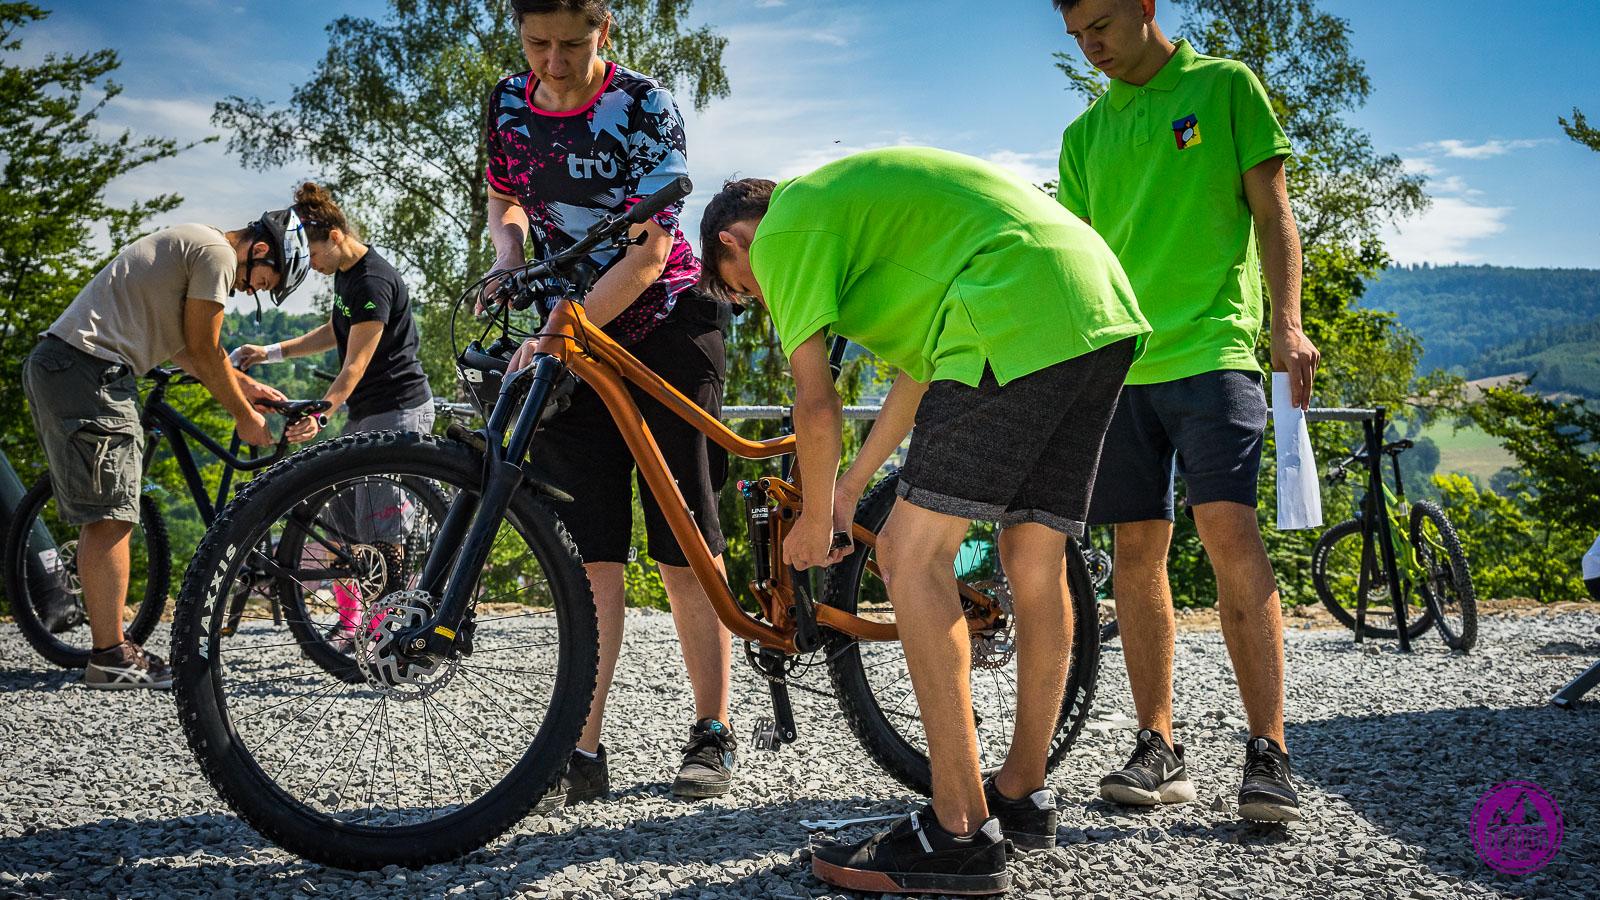 Wypożyczalnia rowerów Merida